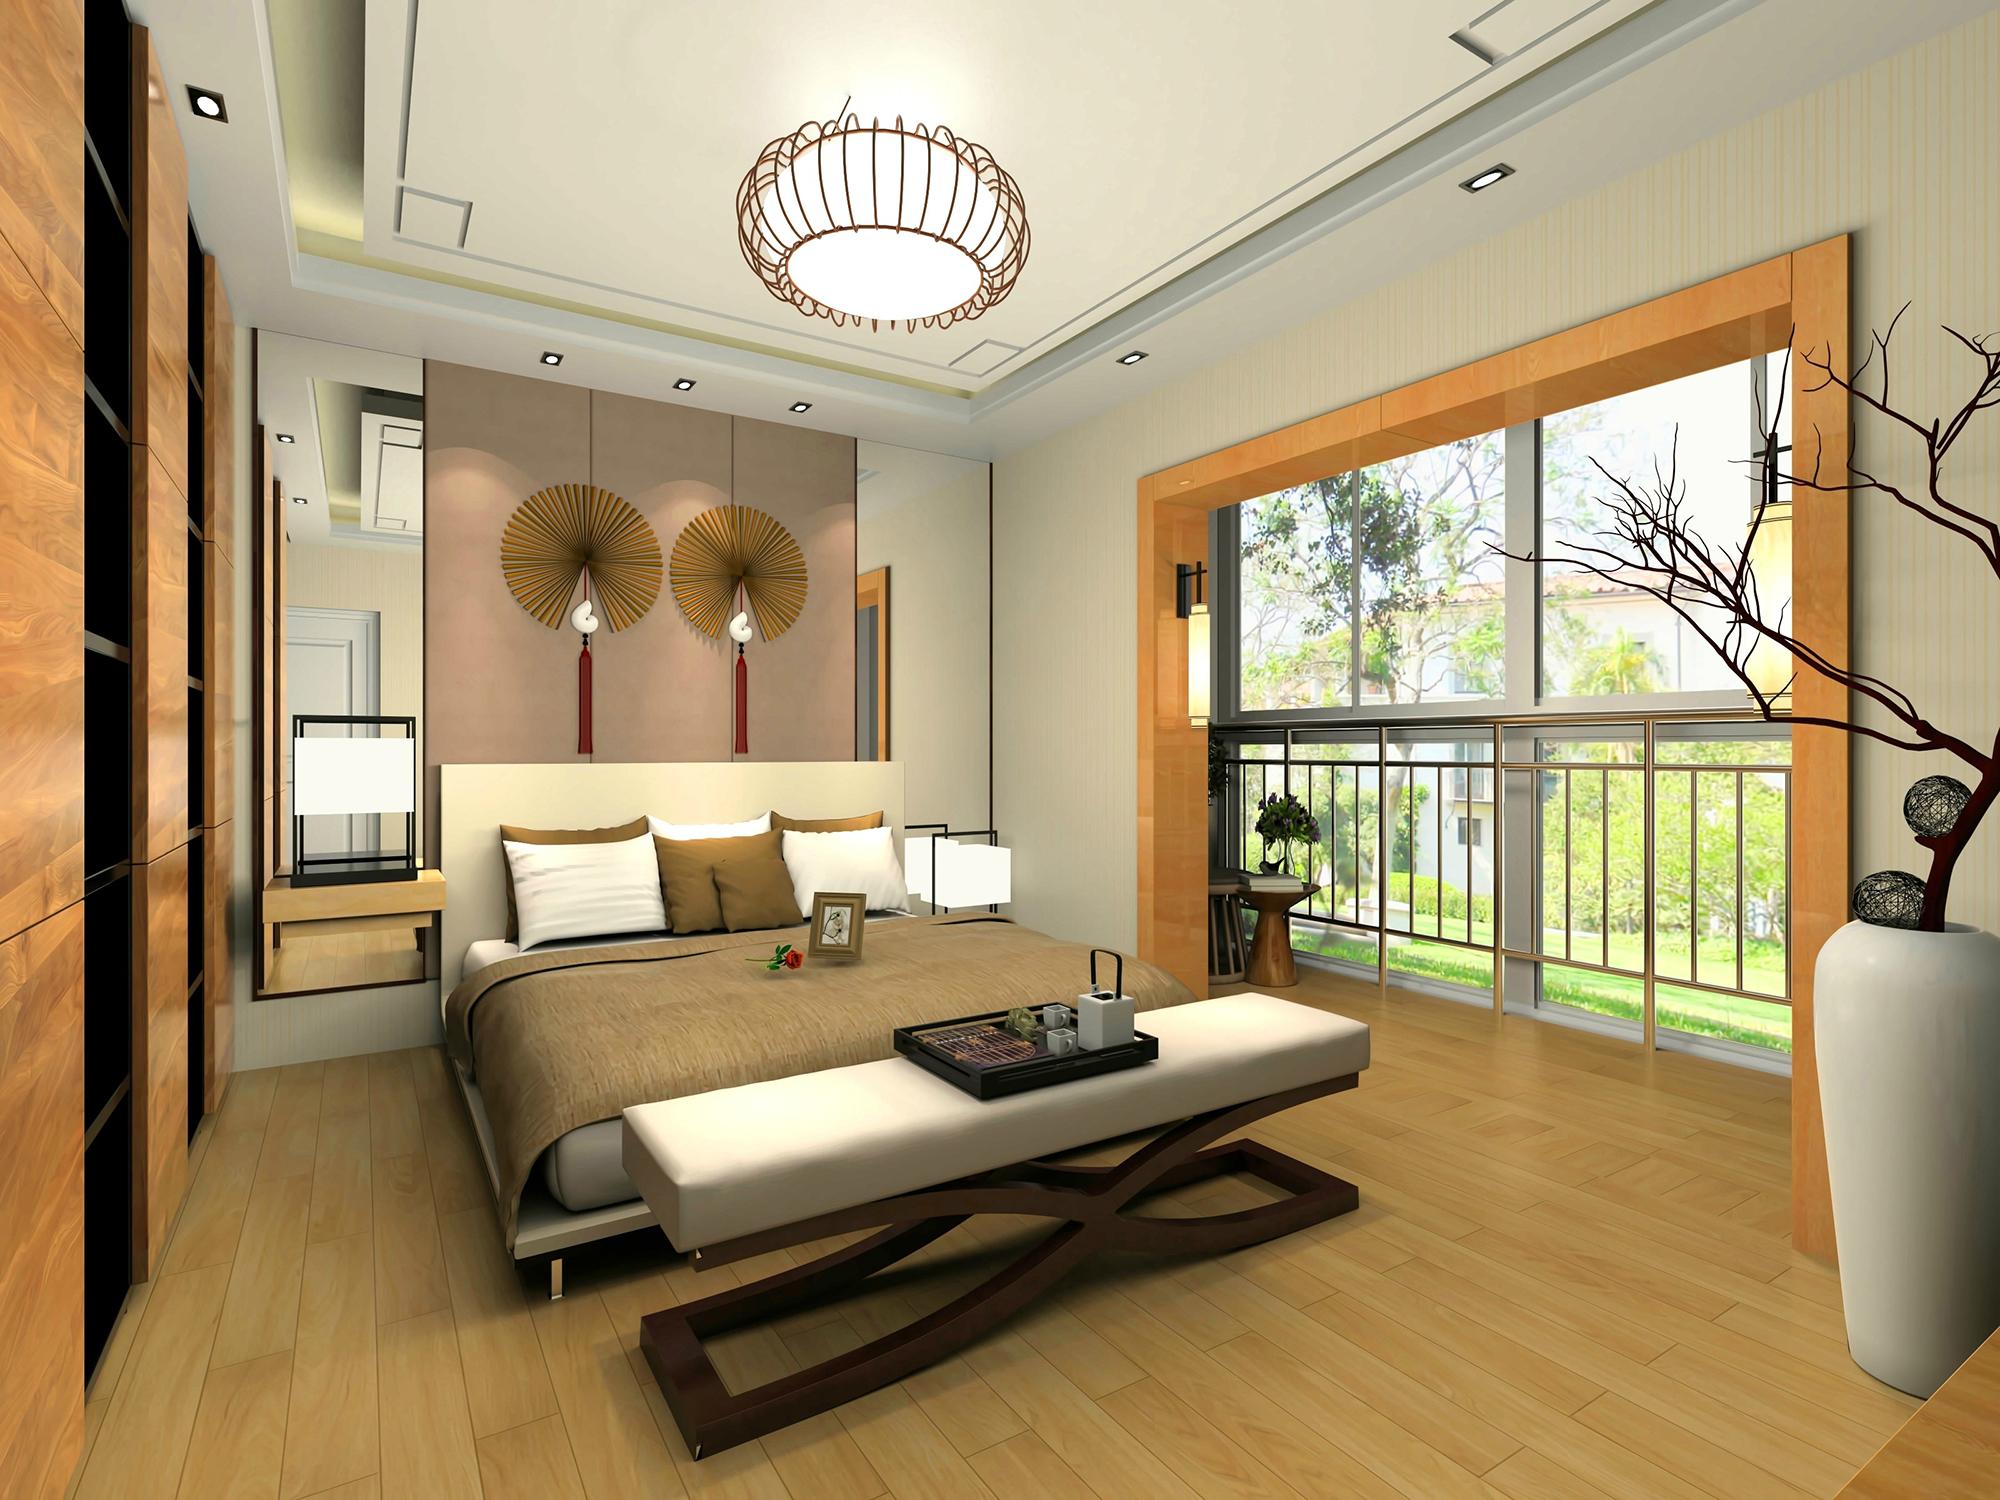 三室两厅房屋装修设计攻略